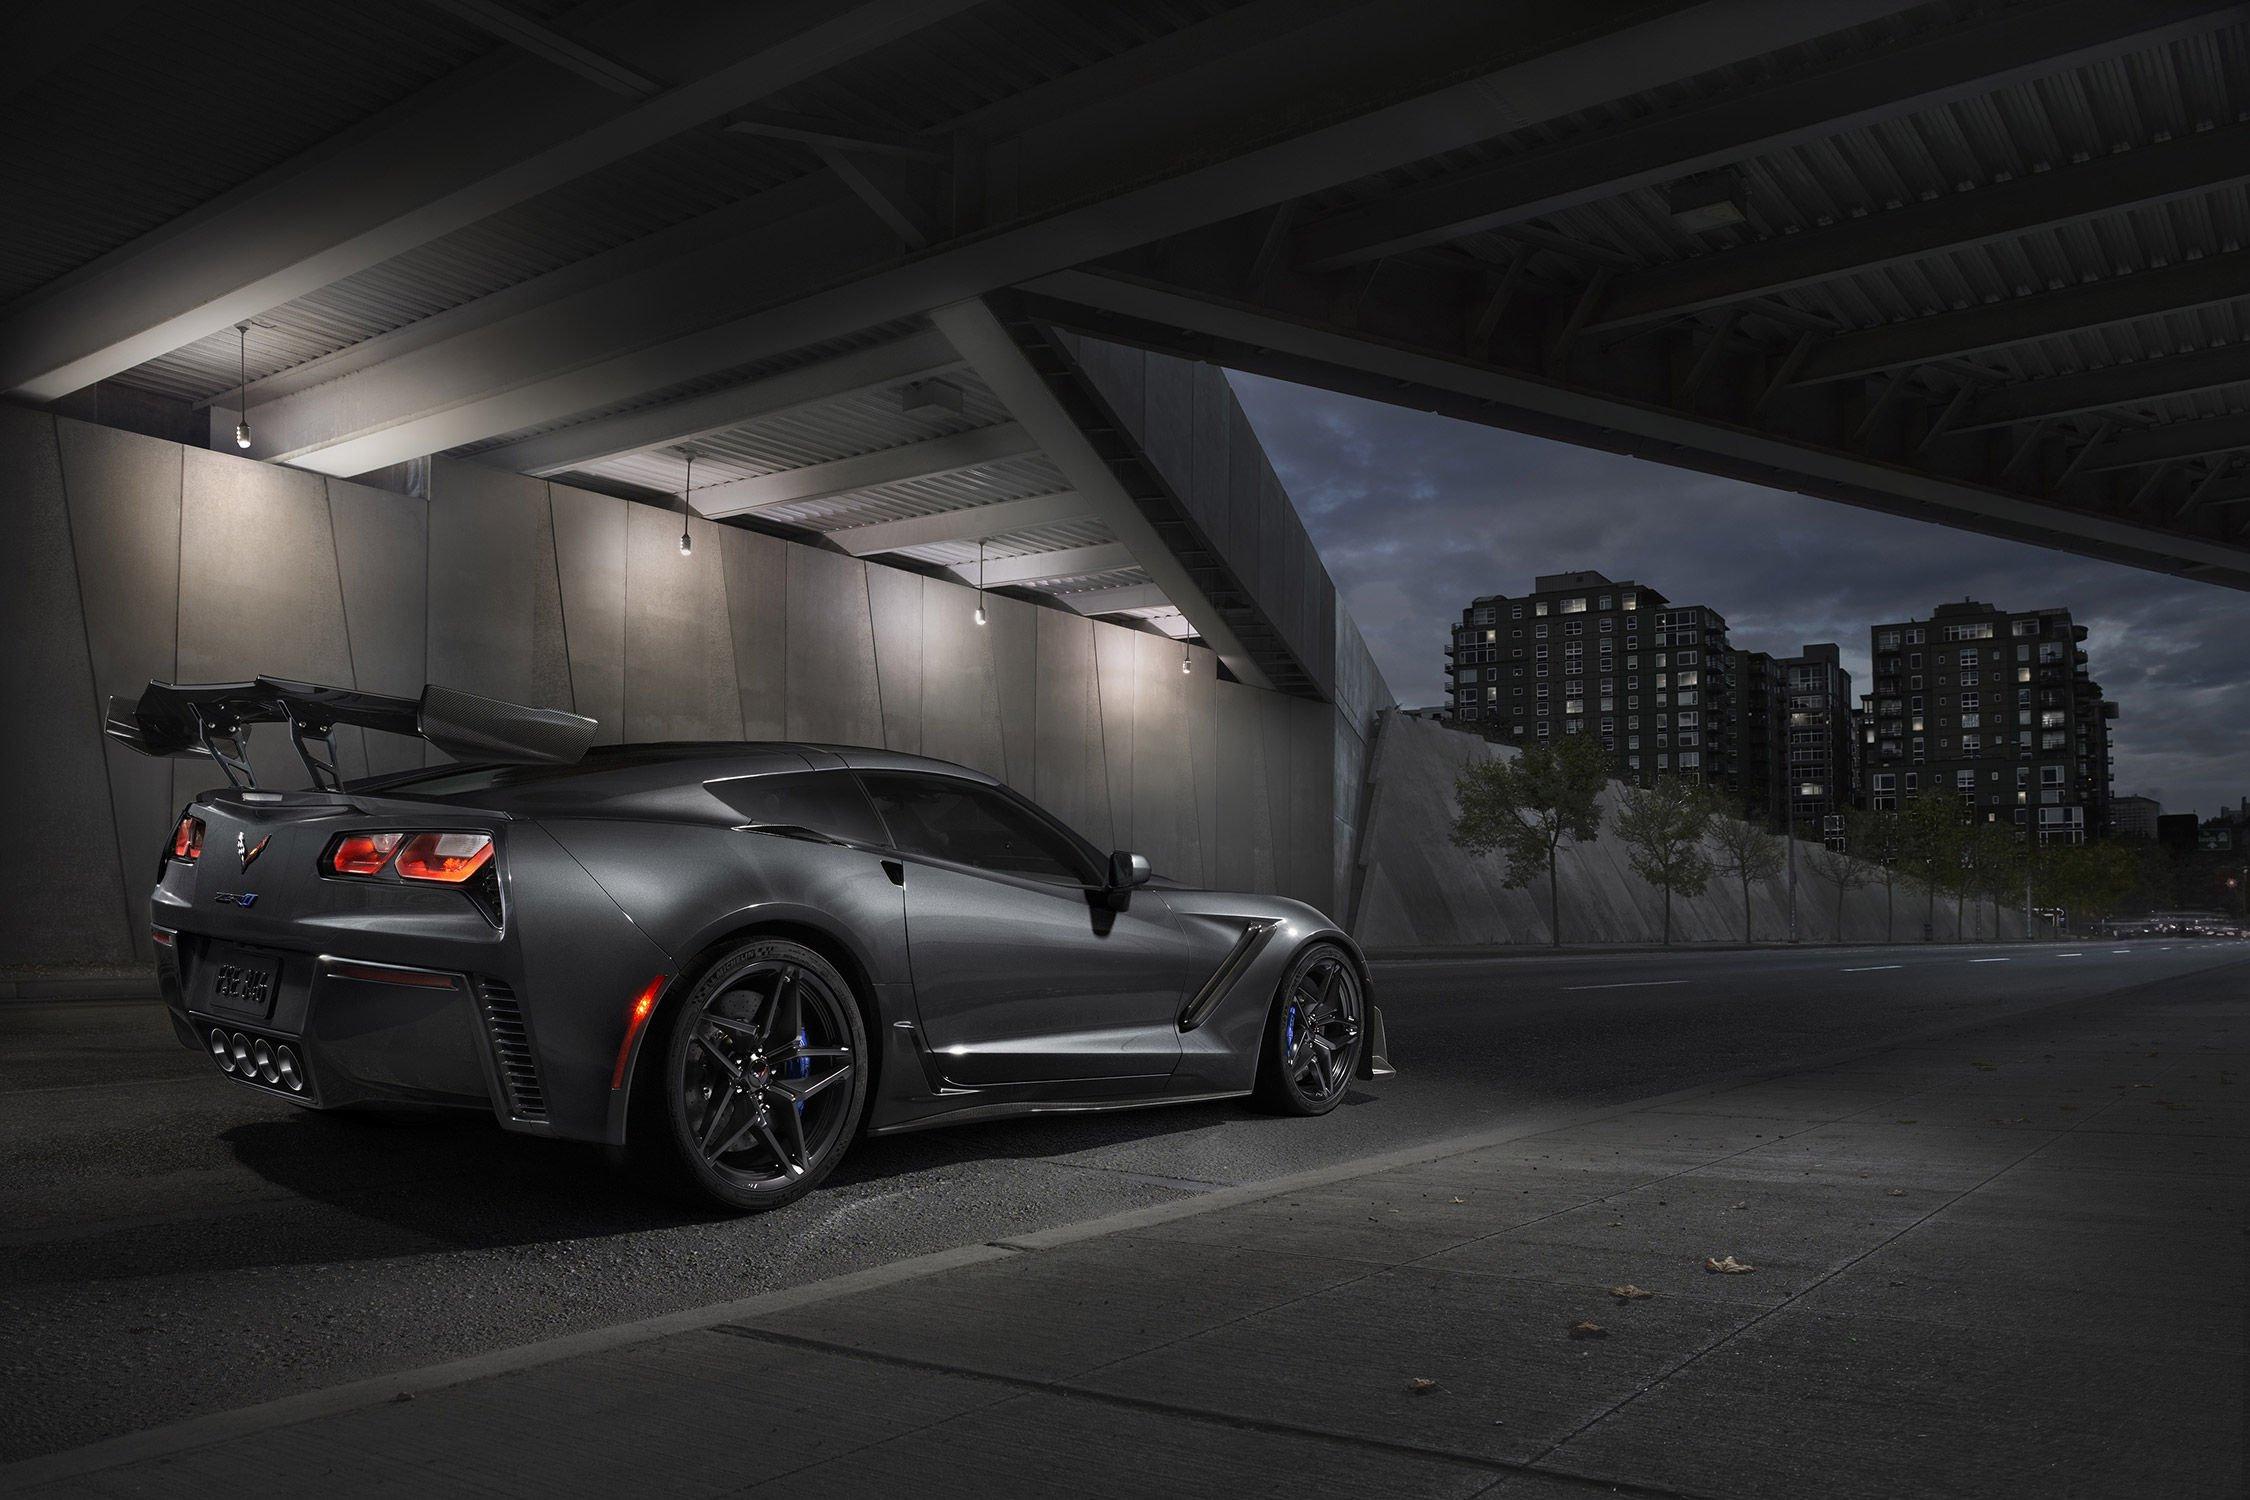 la premi re corvette zr1 2018 propos e aux ench res actualit automobile motorlegend. Black Bedroom Furniture Sets. Home Design Ideas